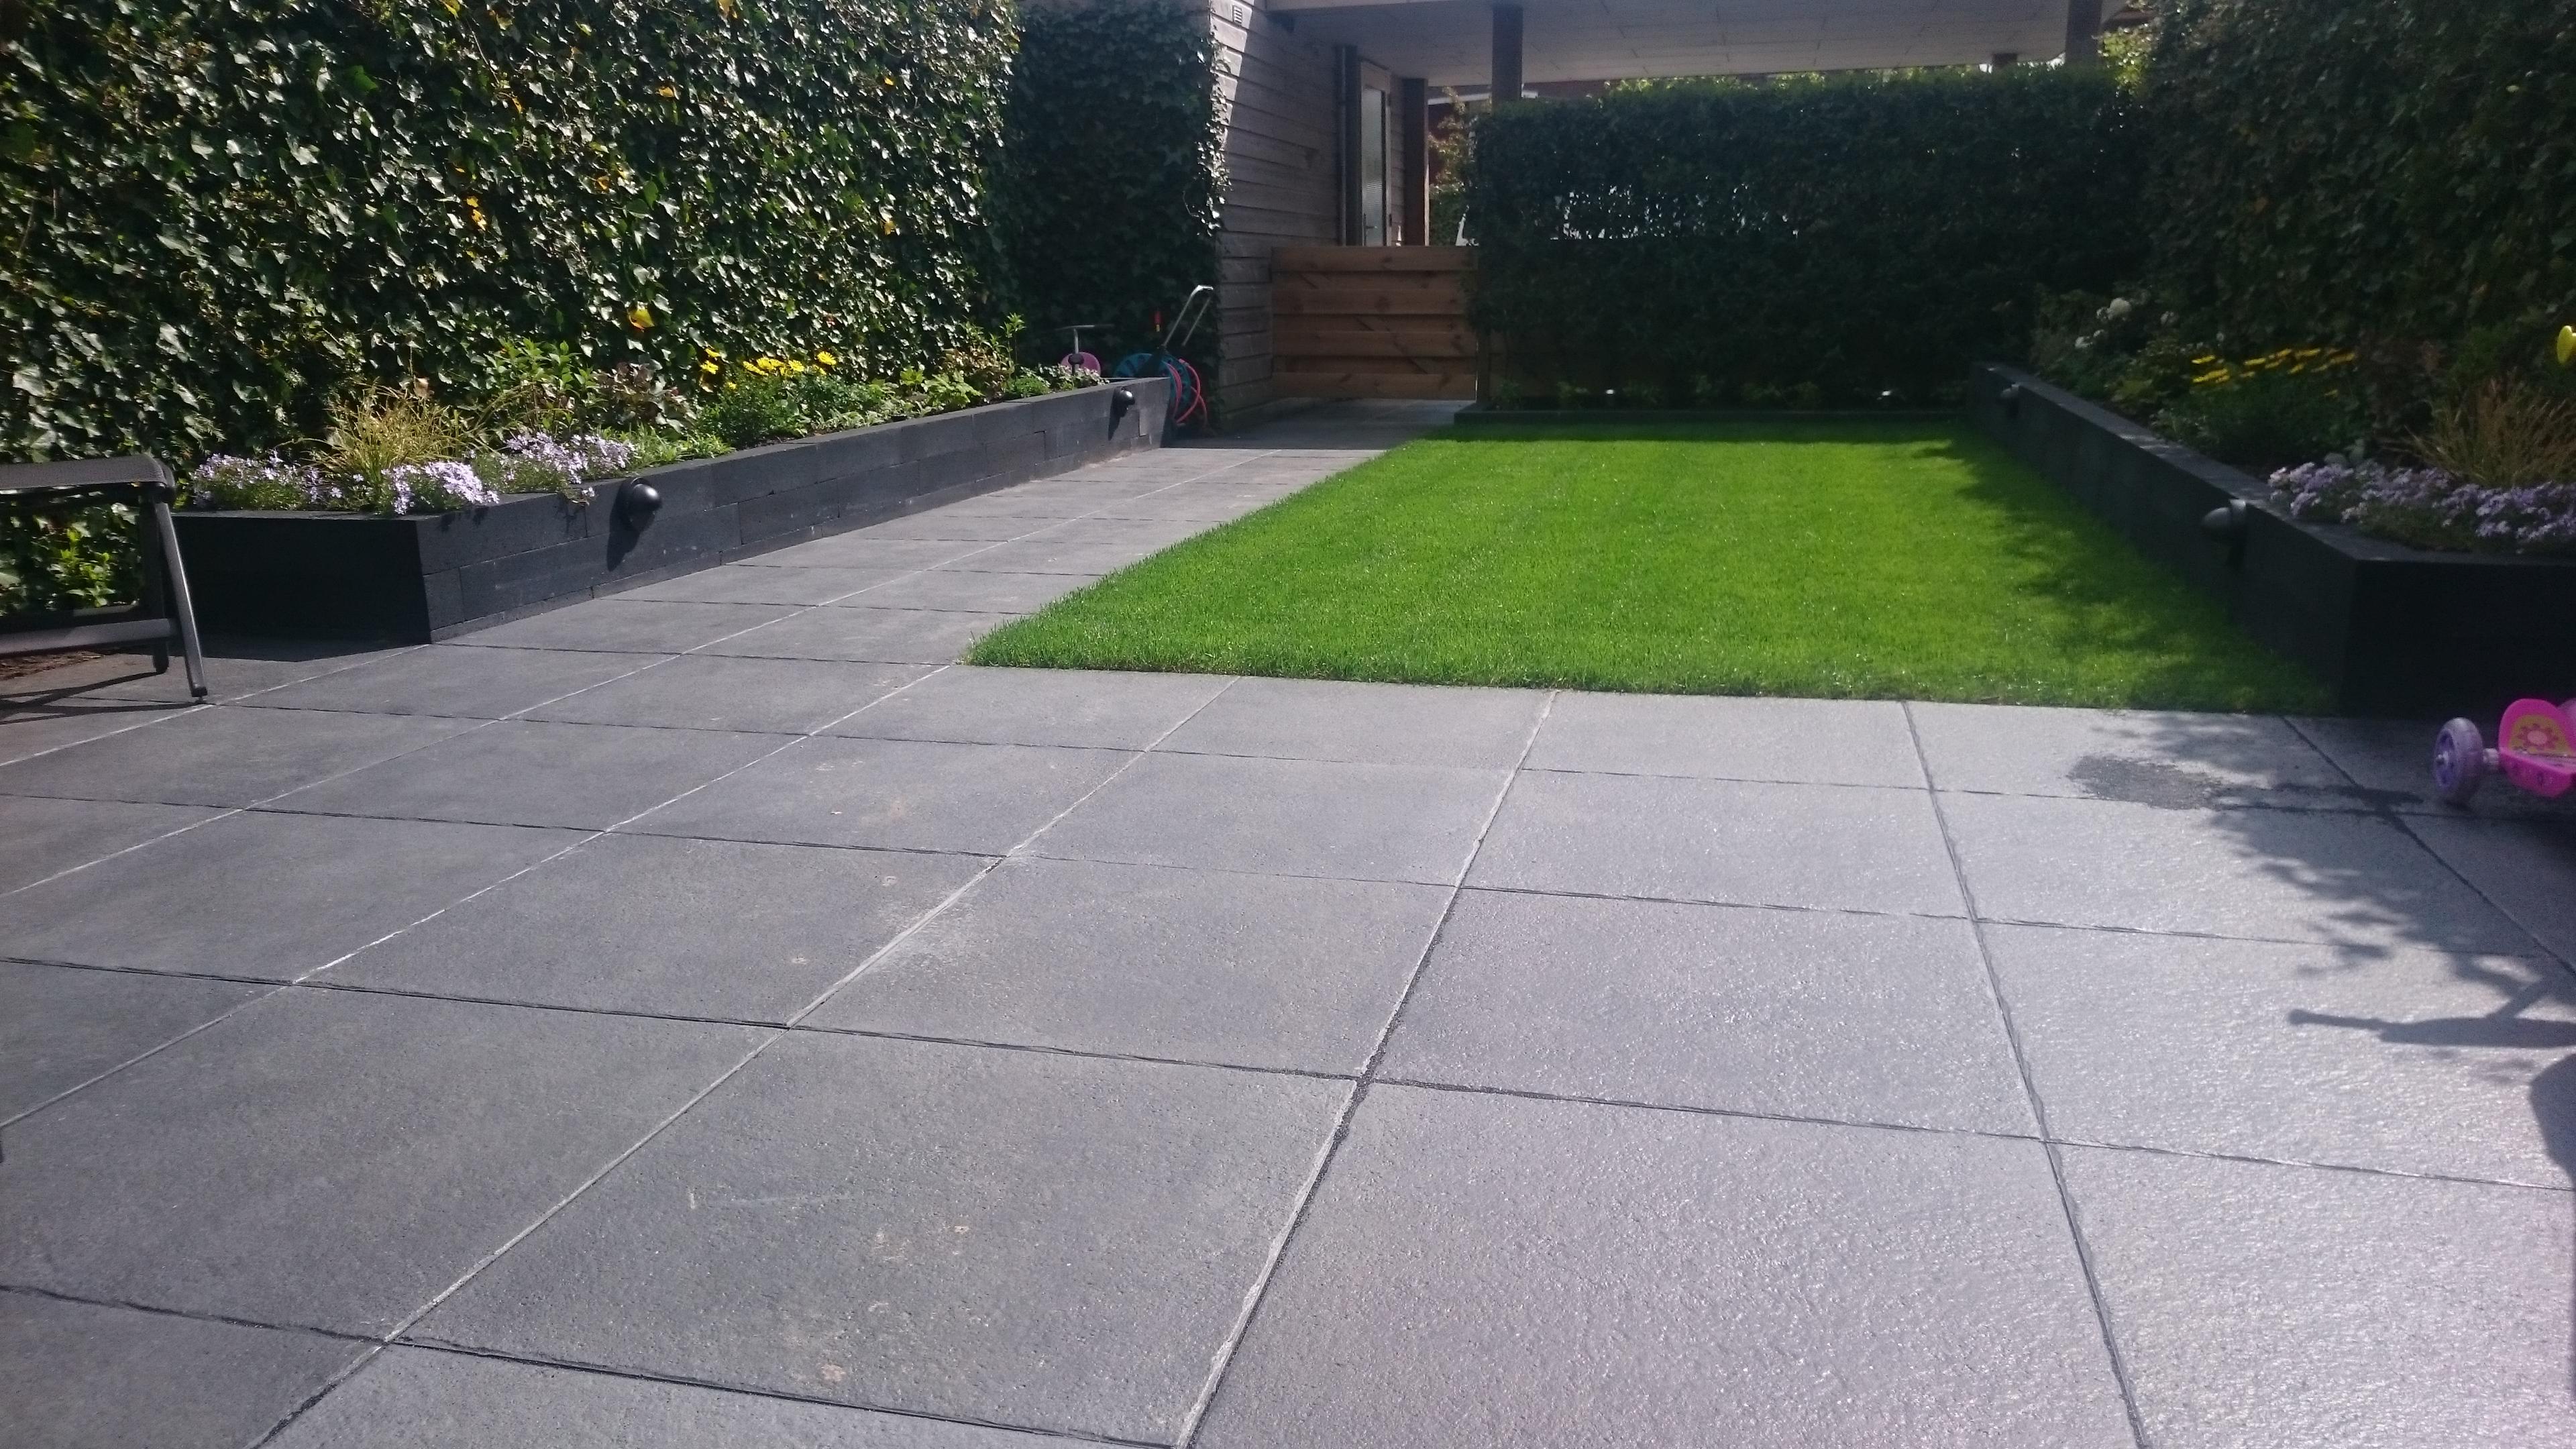 Tegels Voor Tuin : Praktische tuin met mooie grote donkergrijze tegels gert lieman